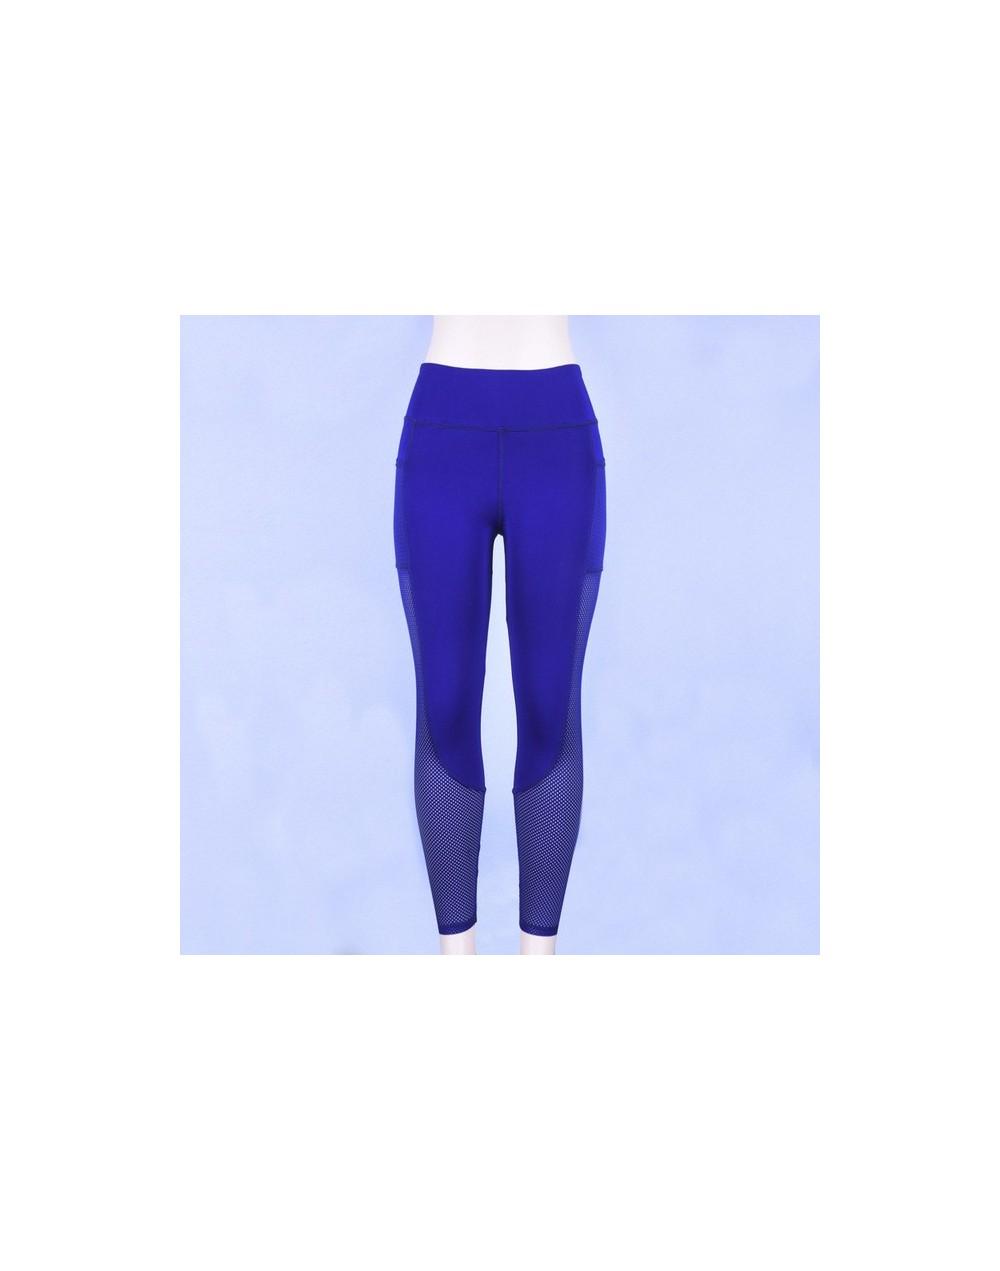 High Waisted Legging Women Legging Solid Pocket Leggings Breathable Feminina Fitness Leggings S-L - Blue - 4O3068561673-2